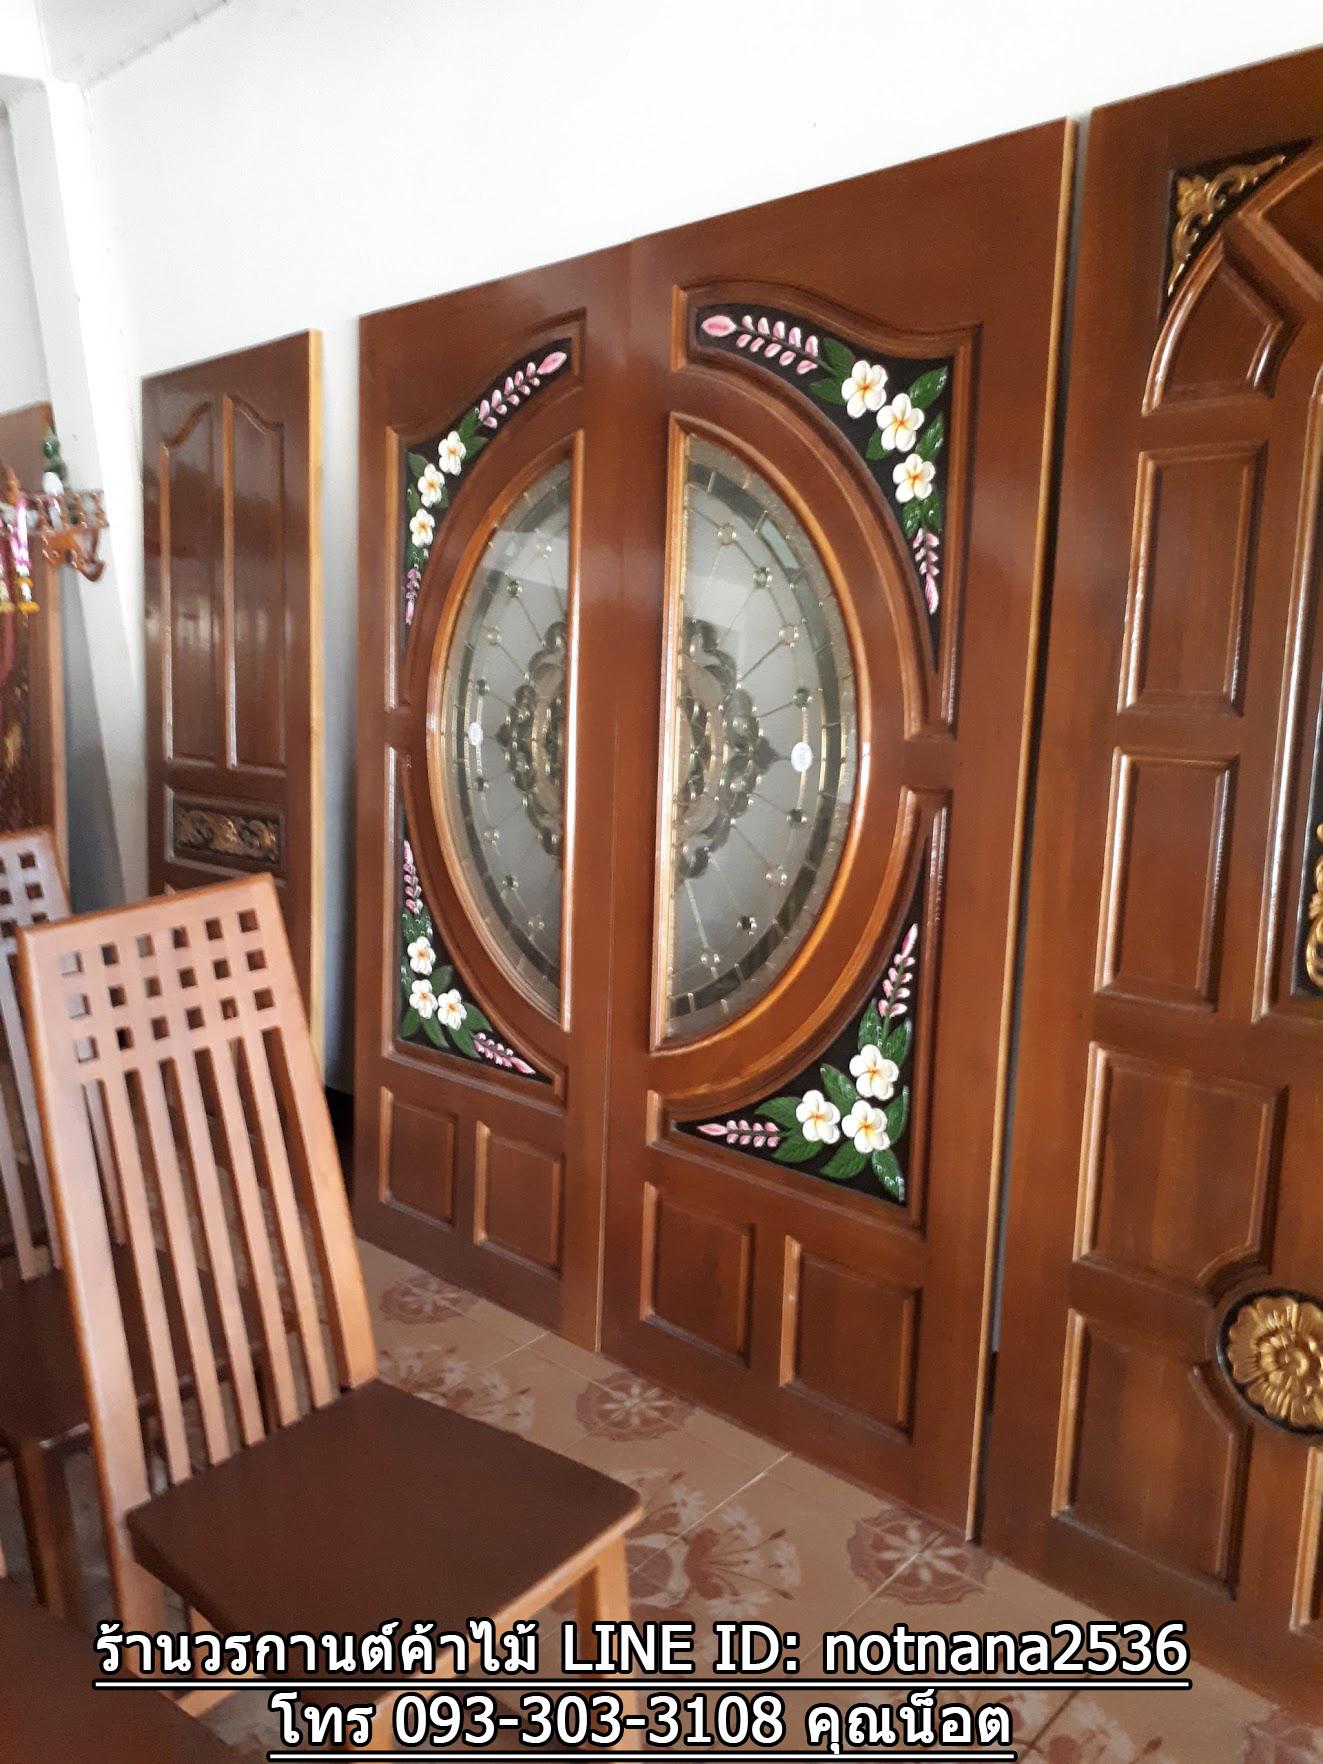 ประตูไม้สักกระจกนิรภัย แกะดอกไม้เล่นสี เกรดA,B+ รหัส A118